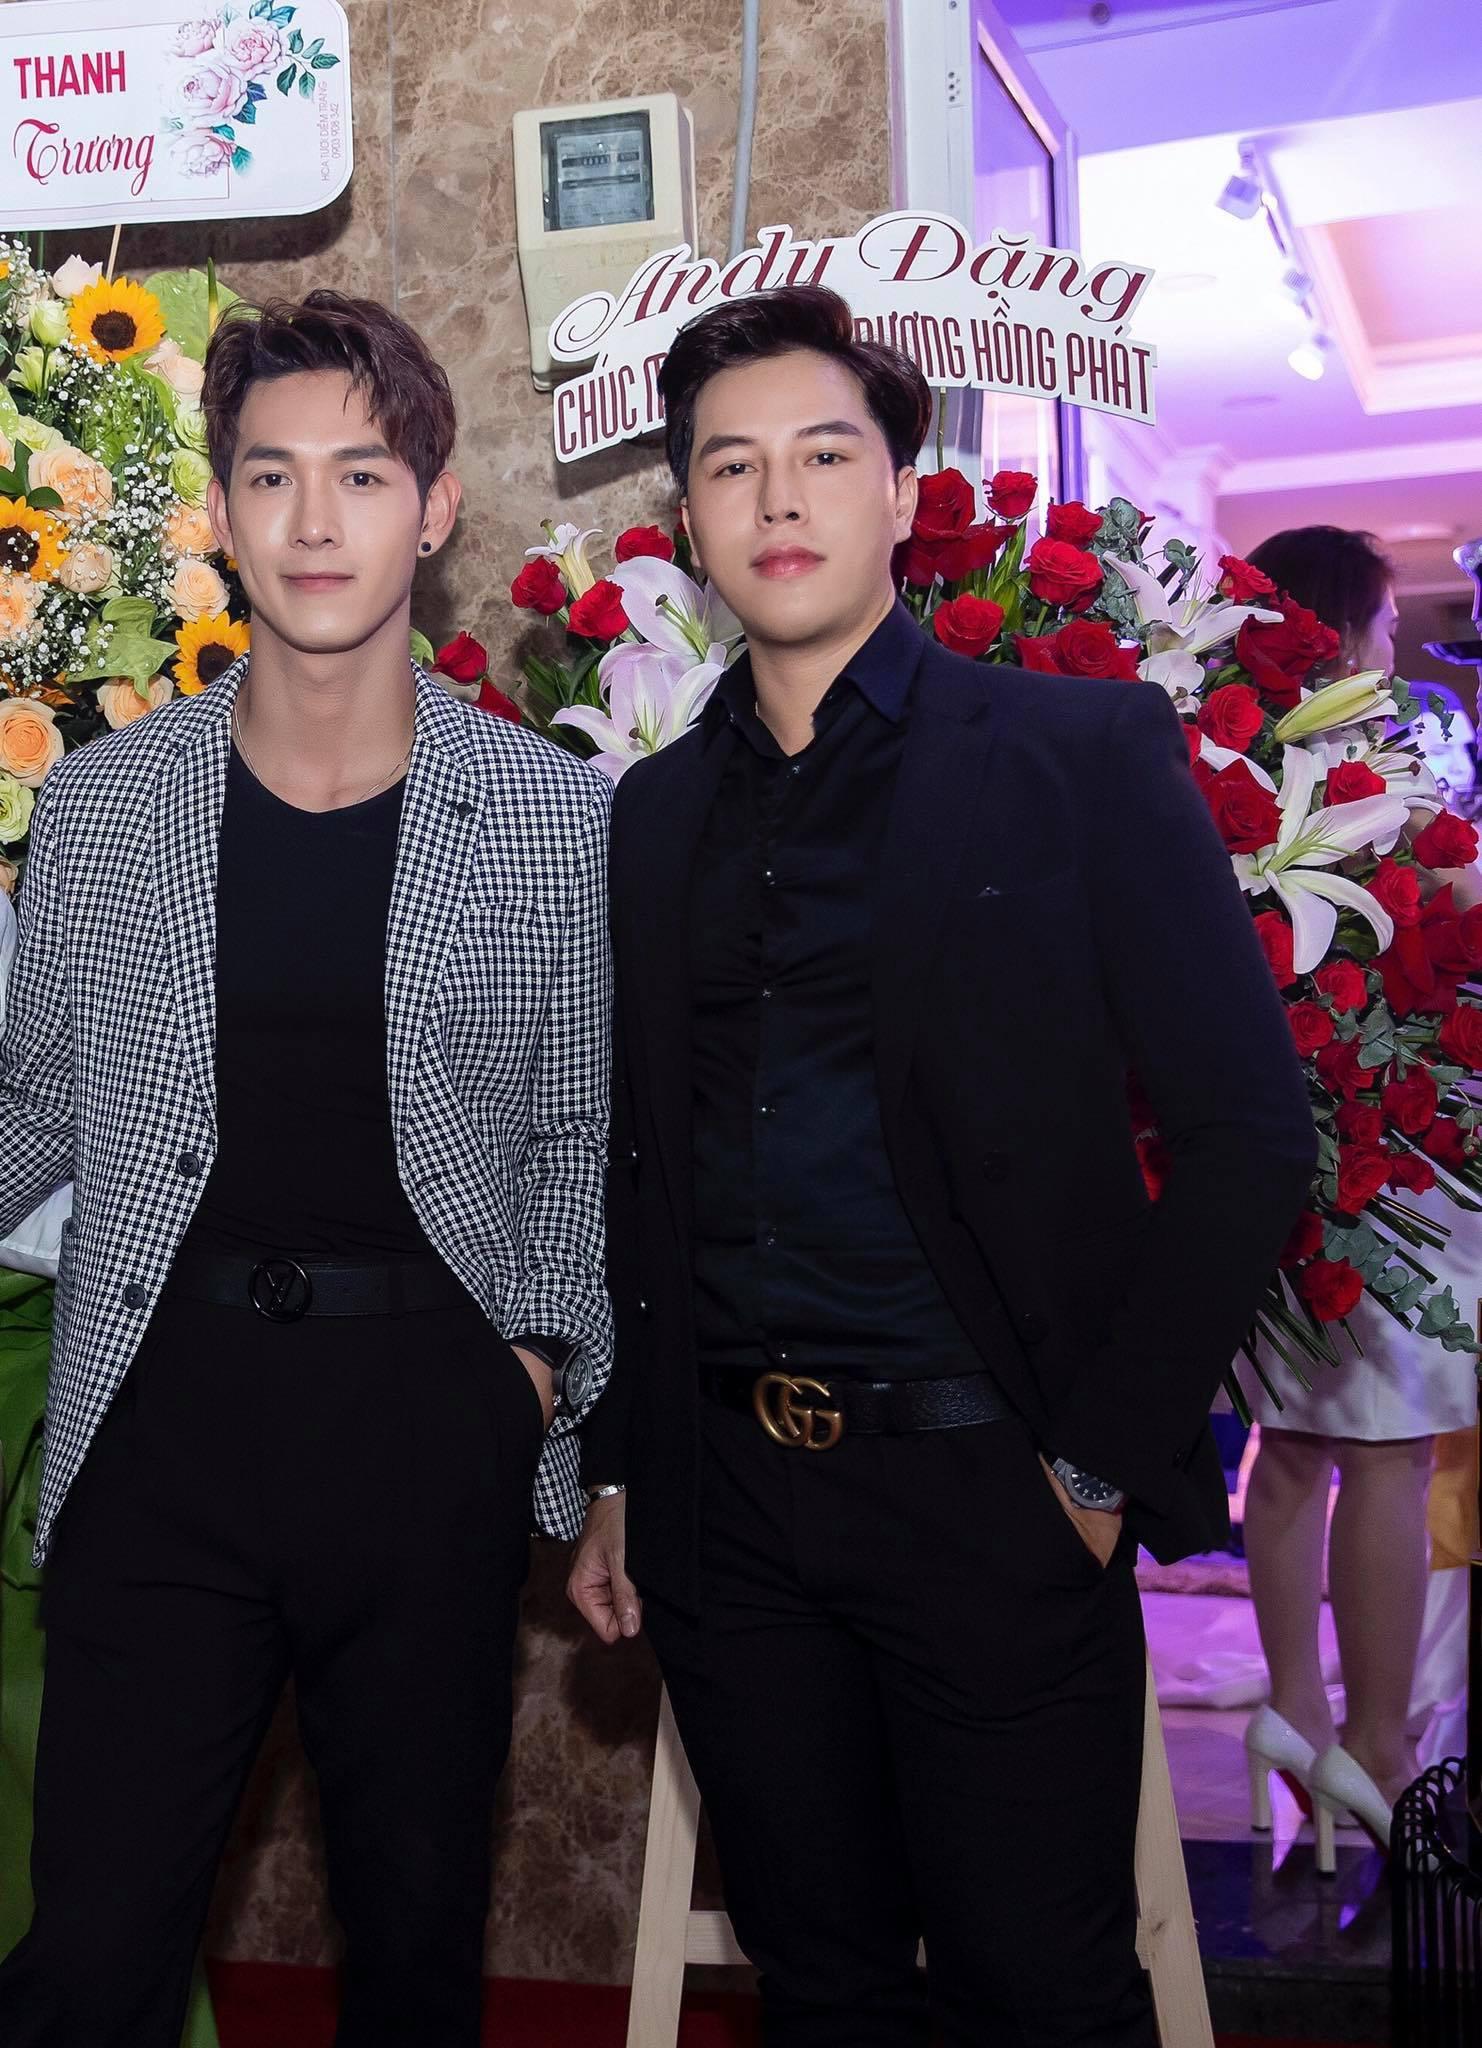 Huy Bình: Từ chàng mẫu triệu view đến người làm đẹp cho sao Việt